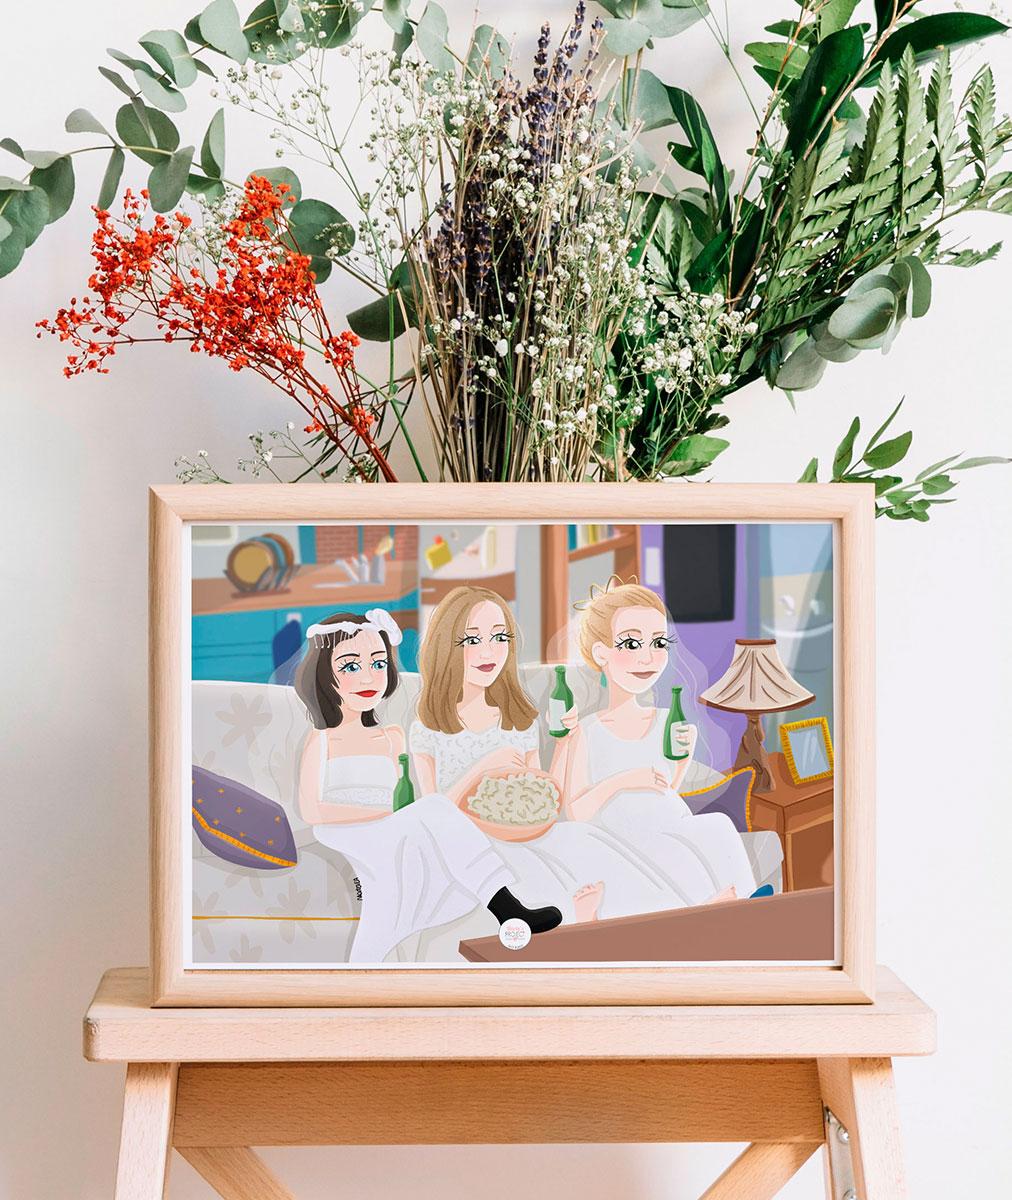 lamina decorativa serie friends monica rachel phoebe vestidos de novia